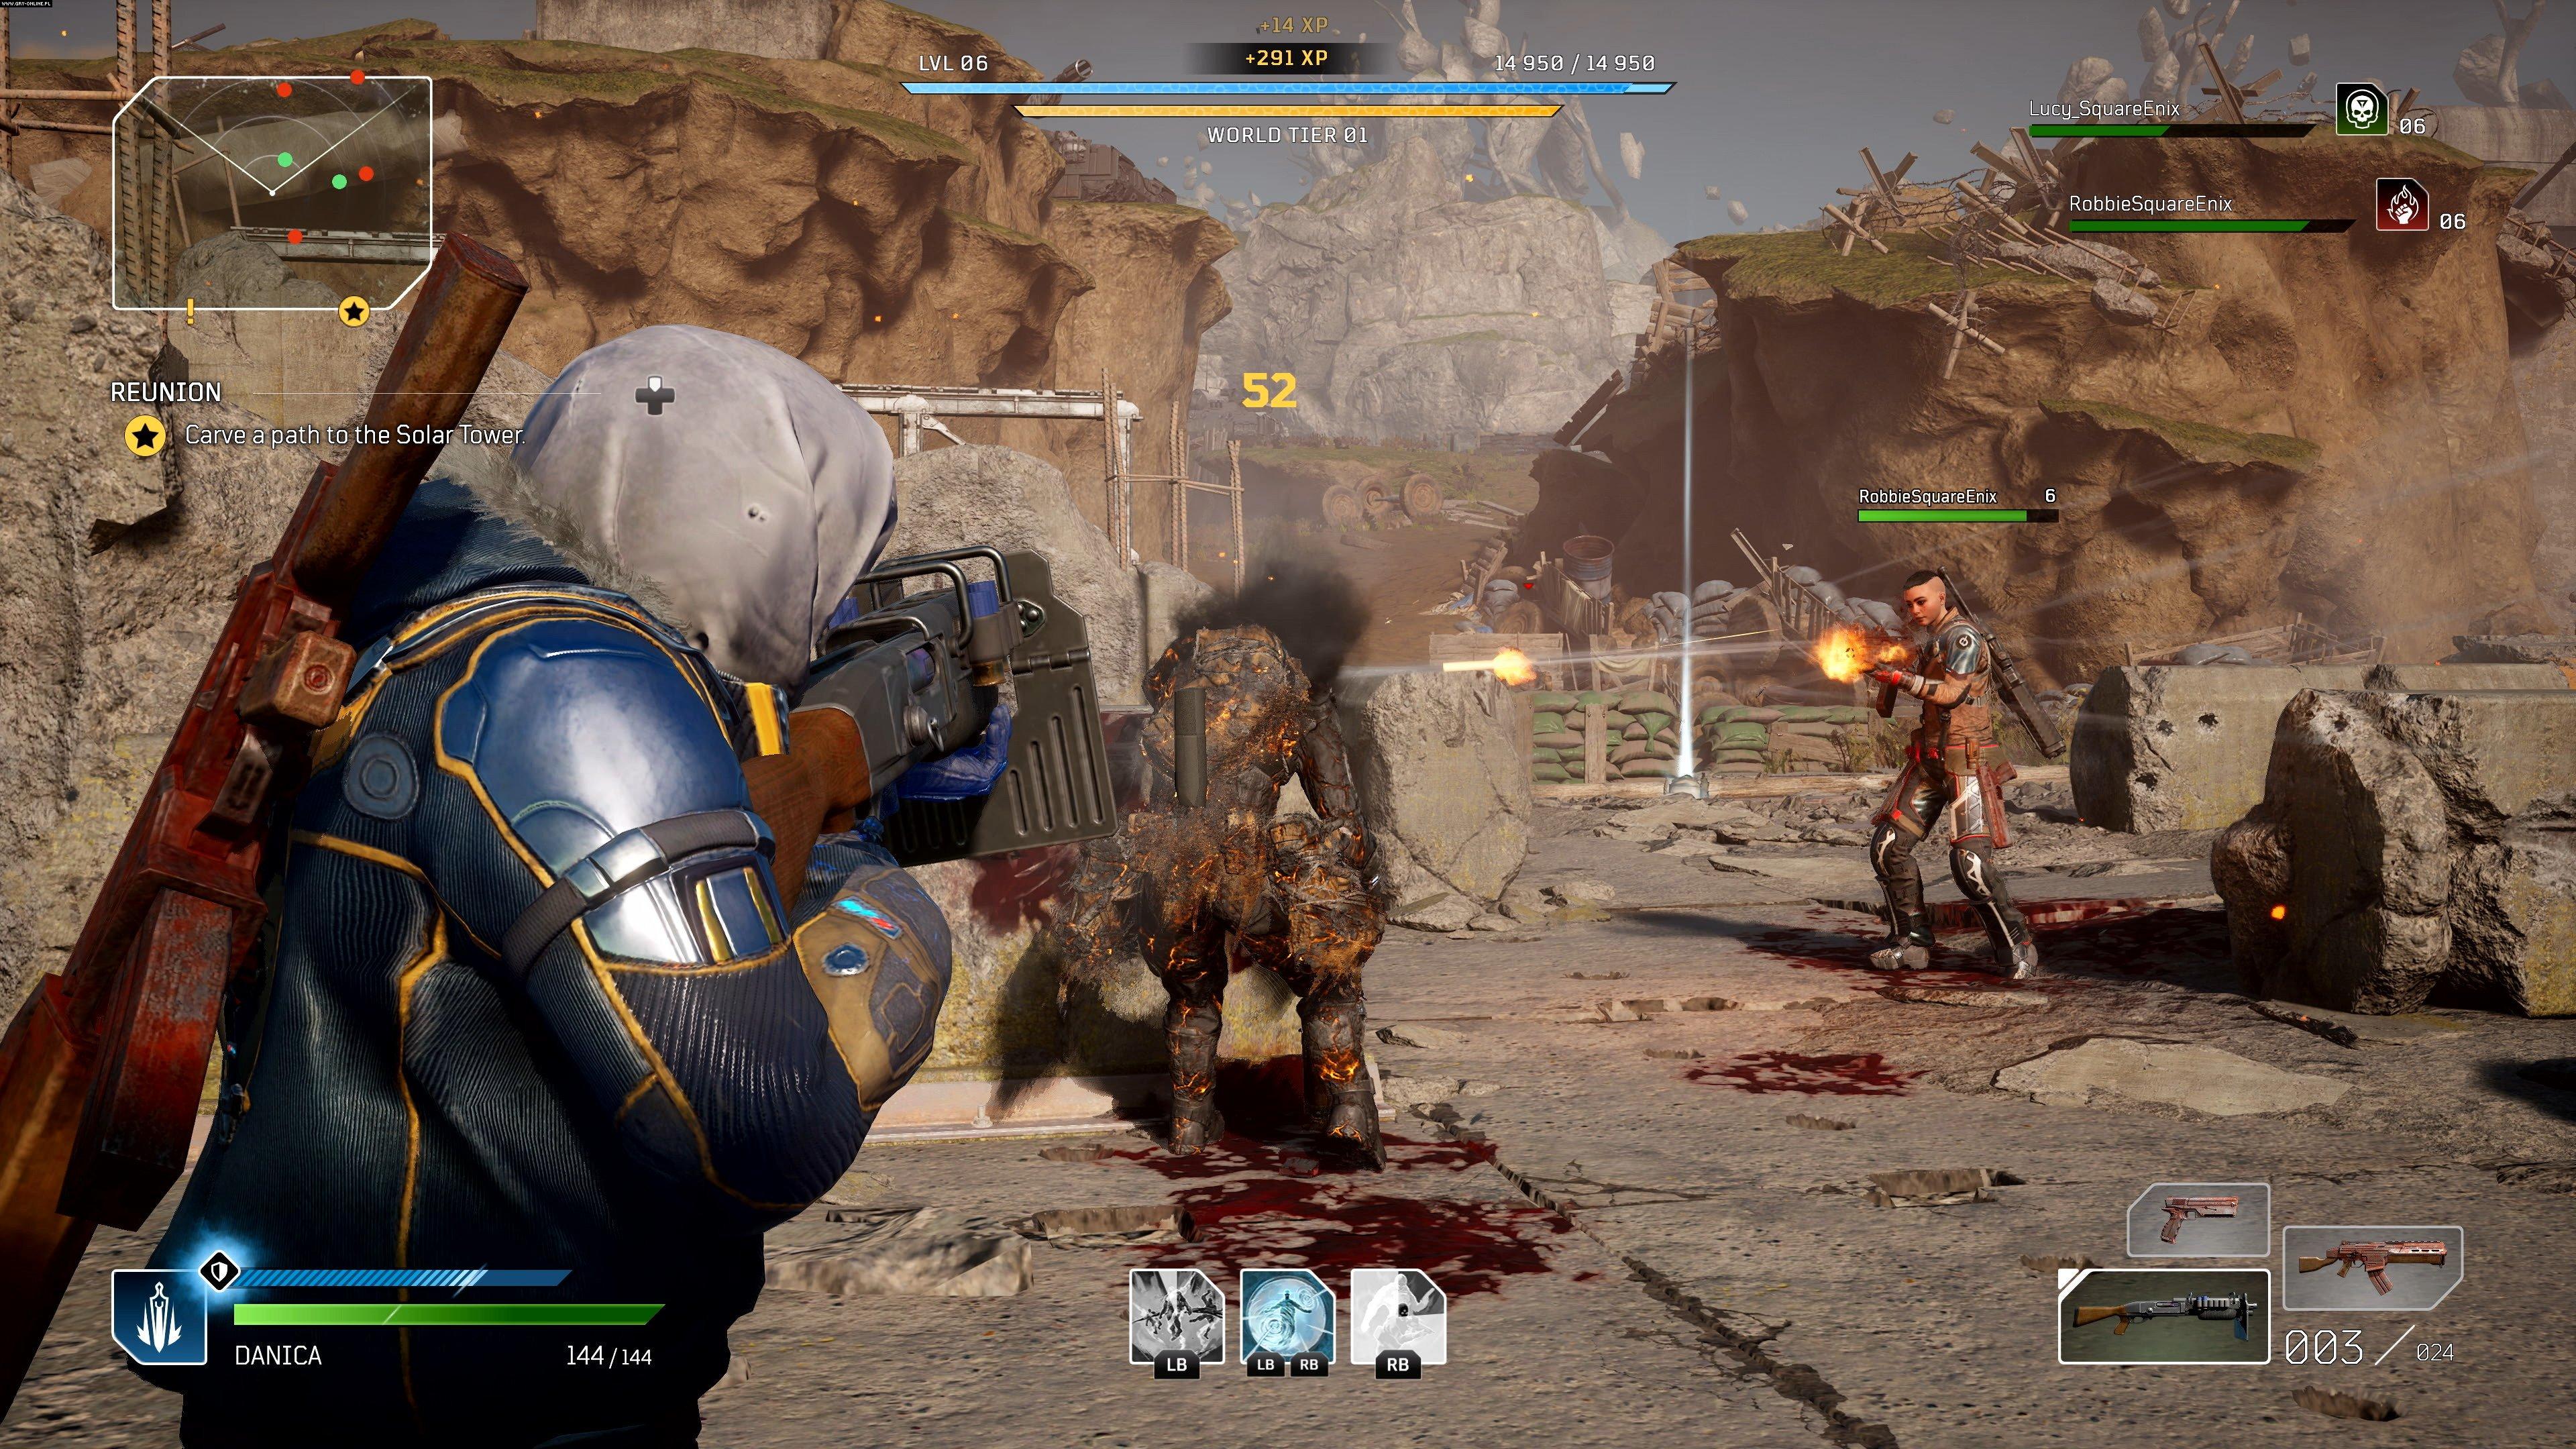 Outriders Screenshots | gamepressure.com